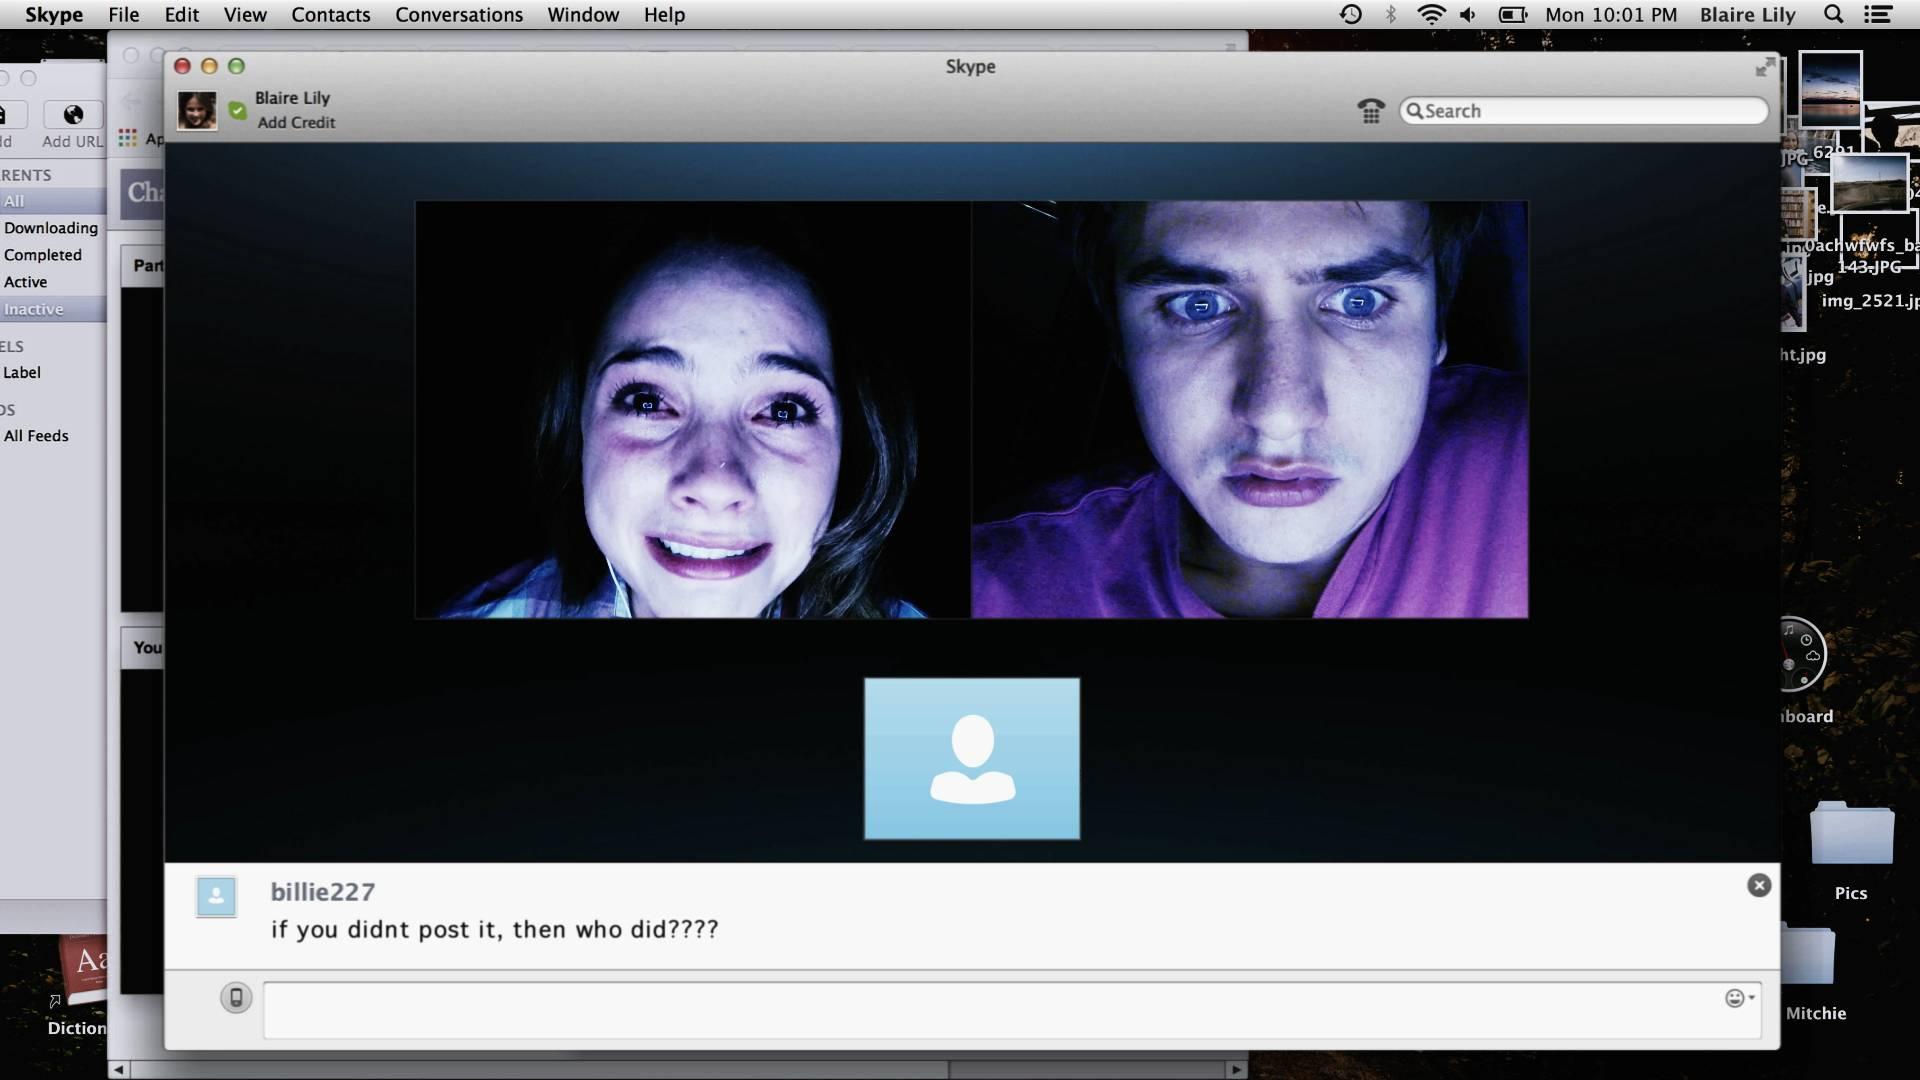 skype jacking session